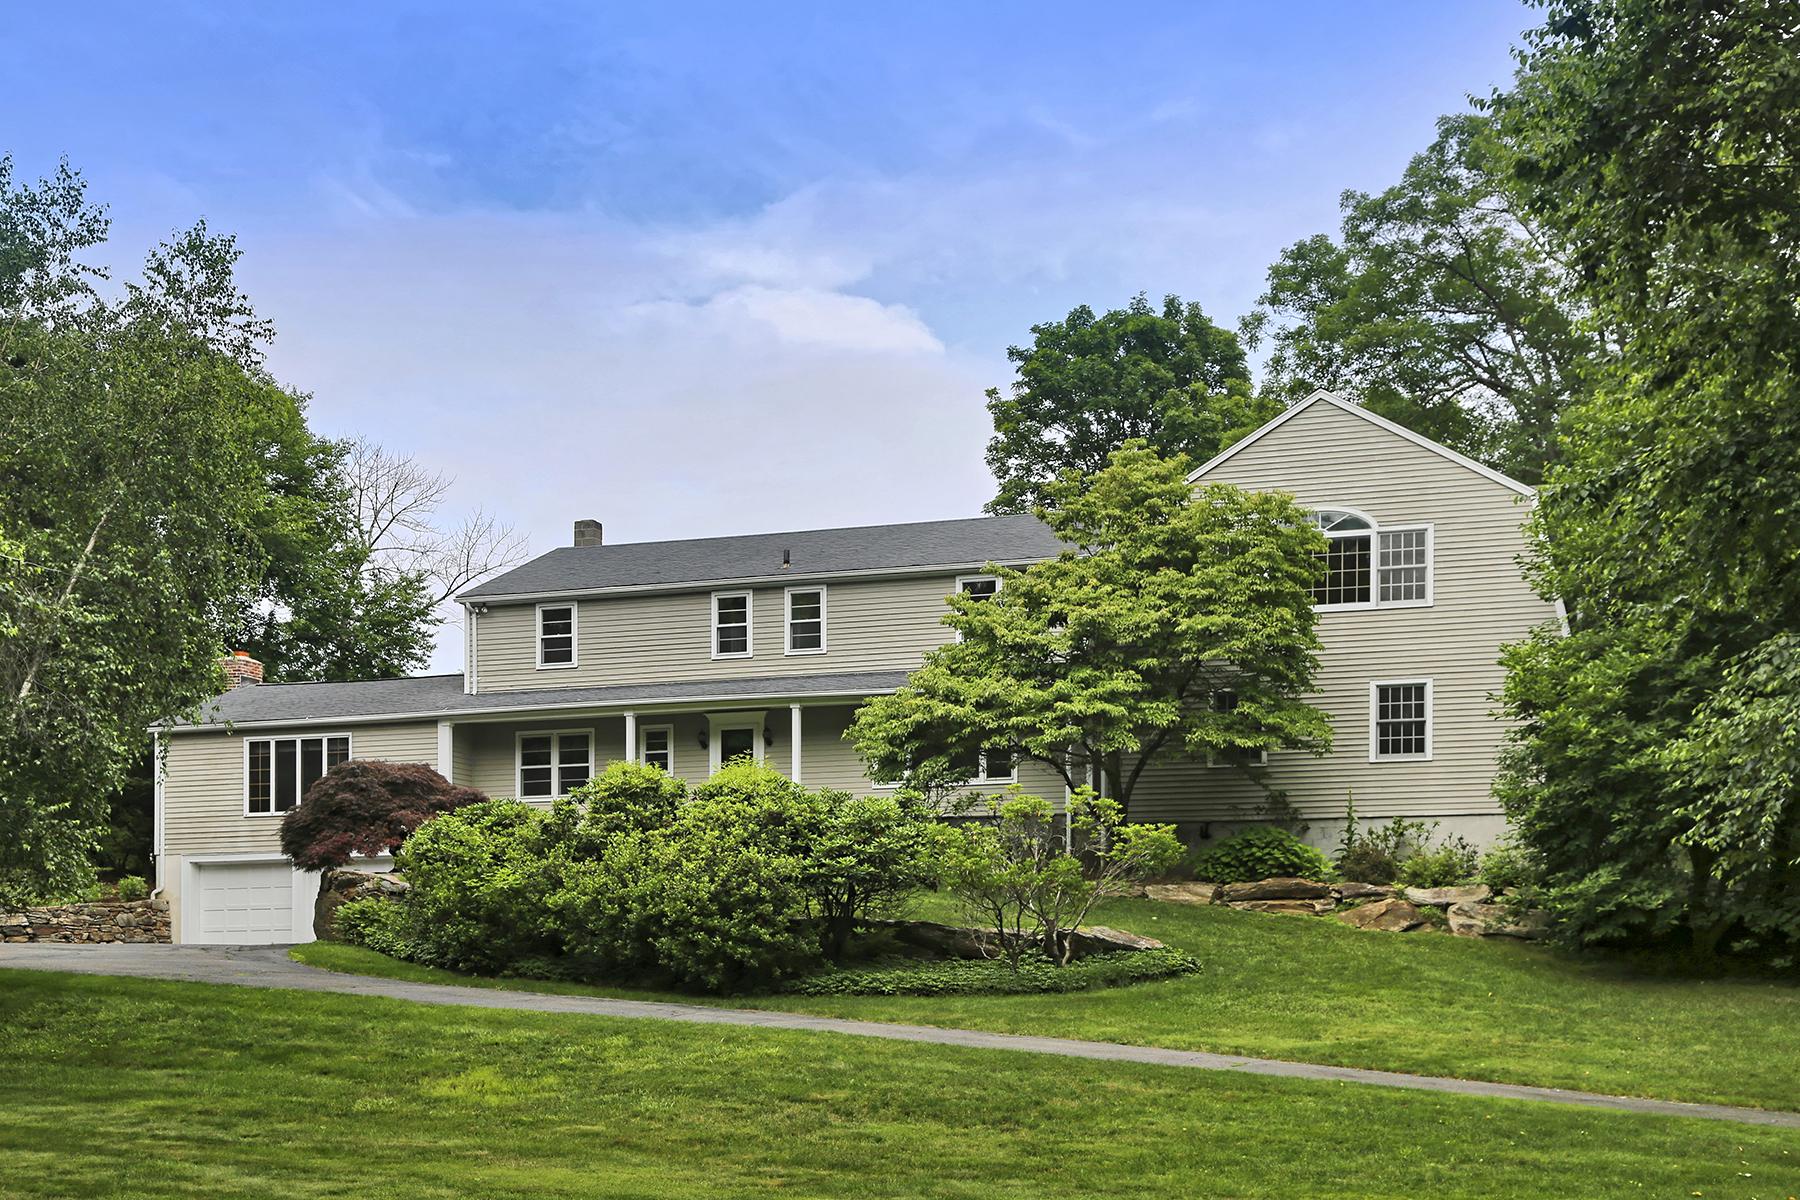 独户住宅 为 销售 在 2 Fairview Drive Westport, 康涅狄格州 06880 美国